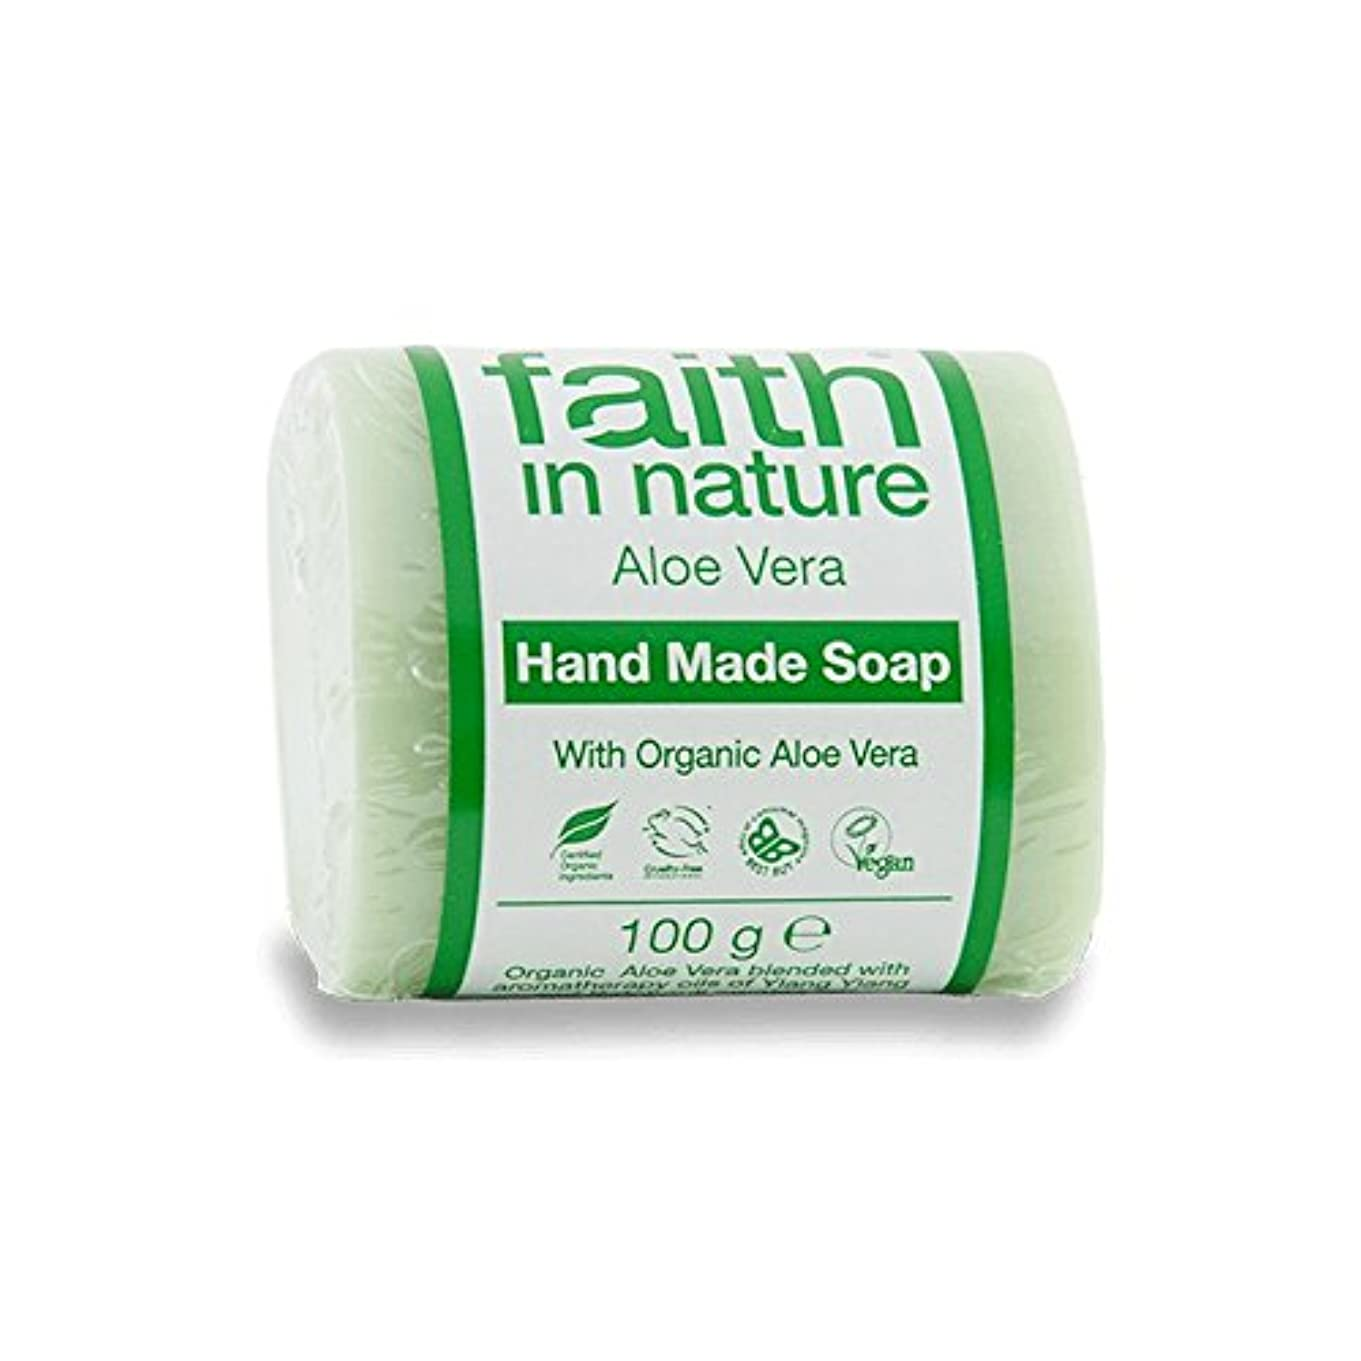 安全性抽選唯物論Faith in Nature Aloe Vera with Ylang Ylang Soap 100g (Pack of 6) - イランイランソープ100グラムと自然のアロエベラの信仰 (x6) [並行輸入品]